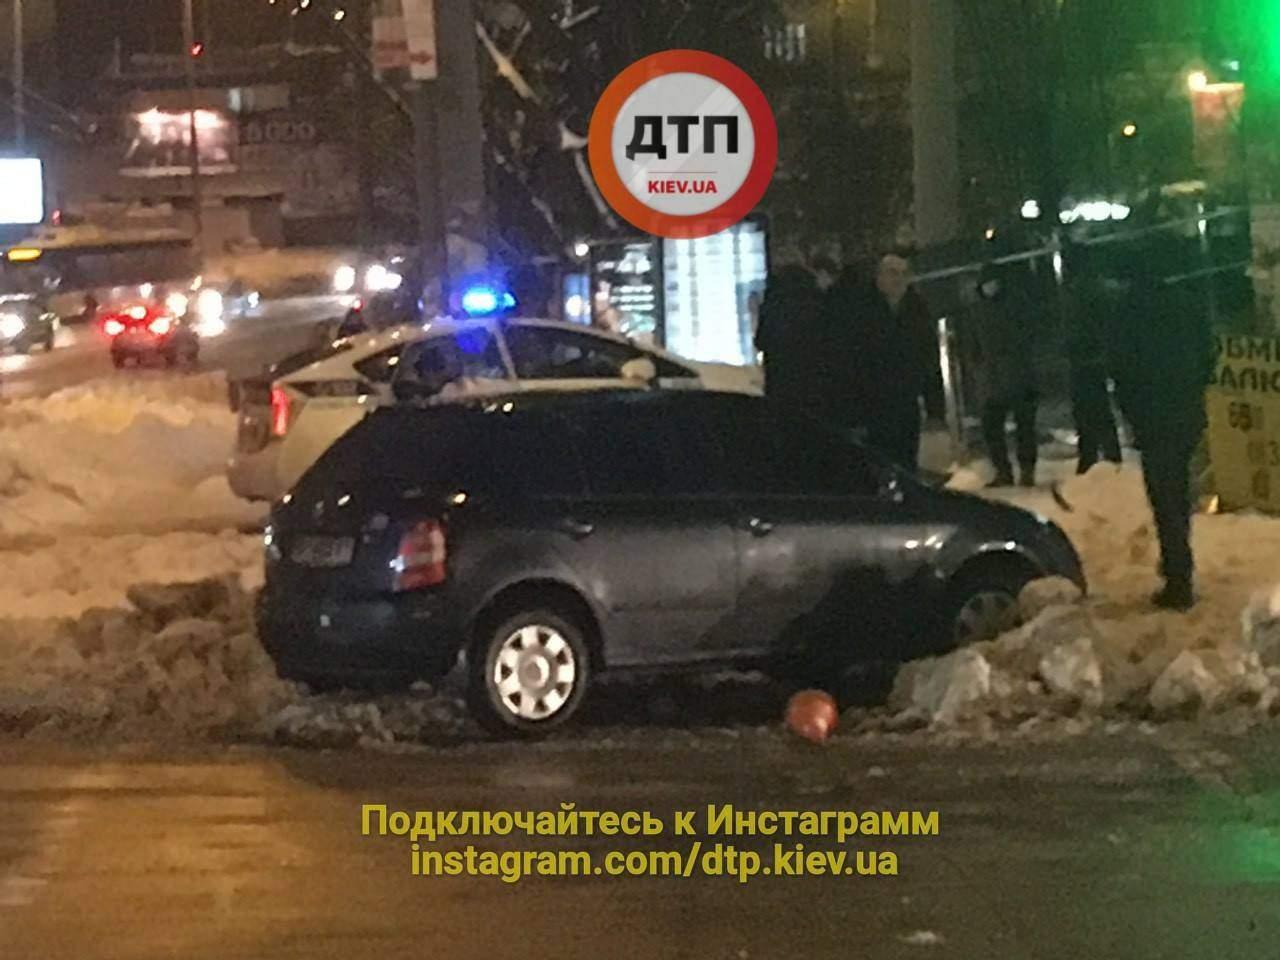 В Киеве сбили двоих пешеходов (фото)